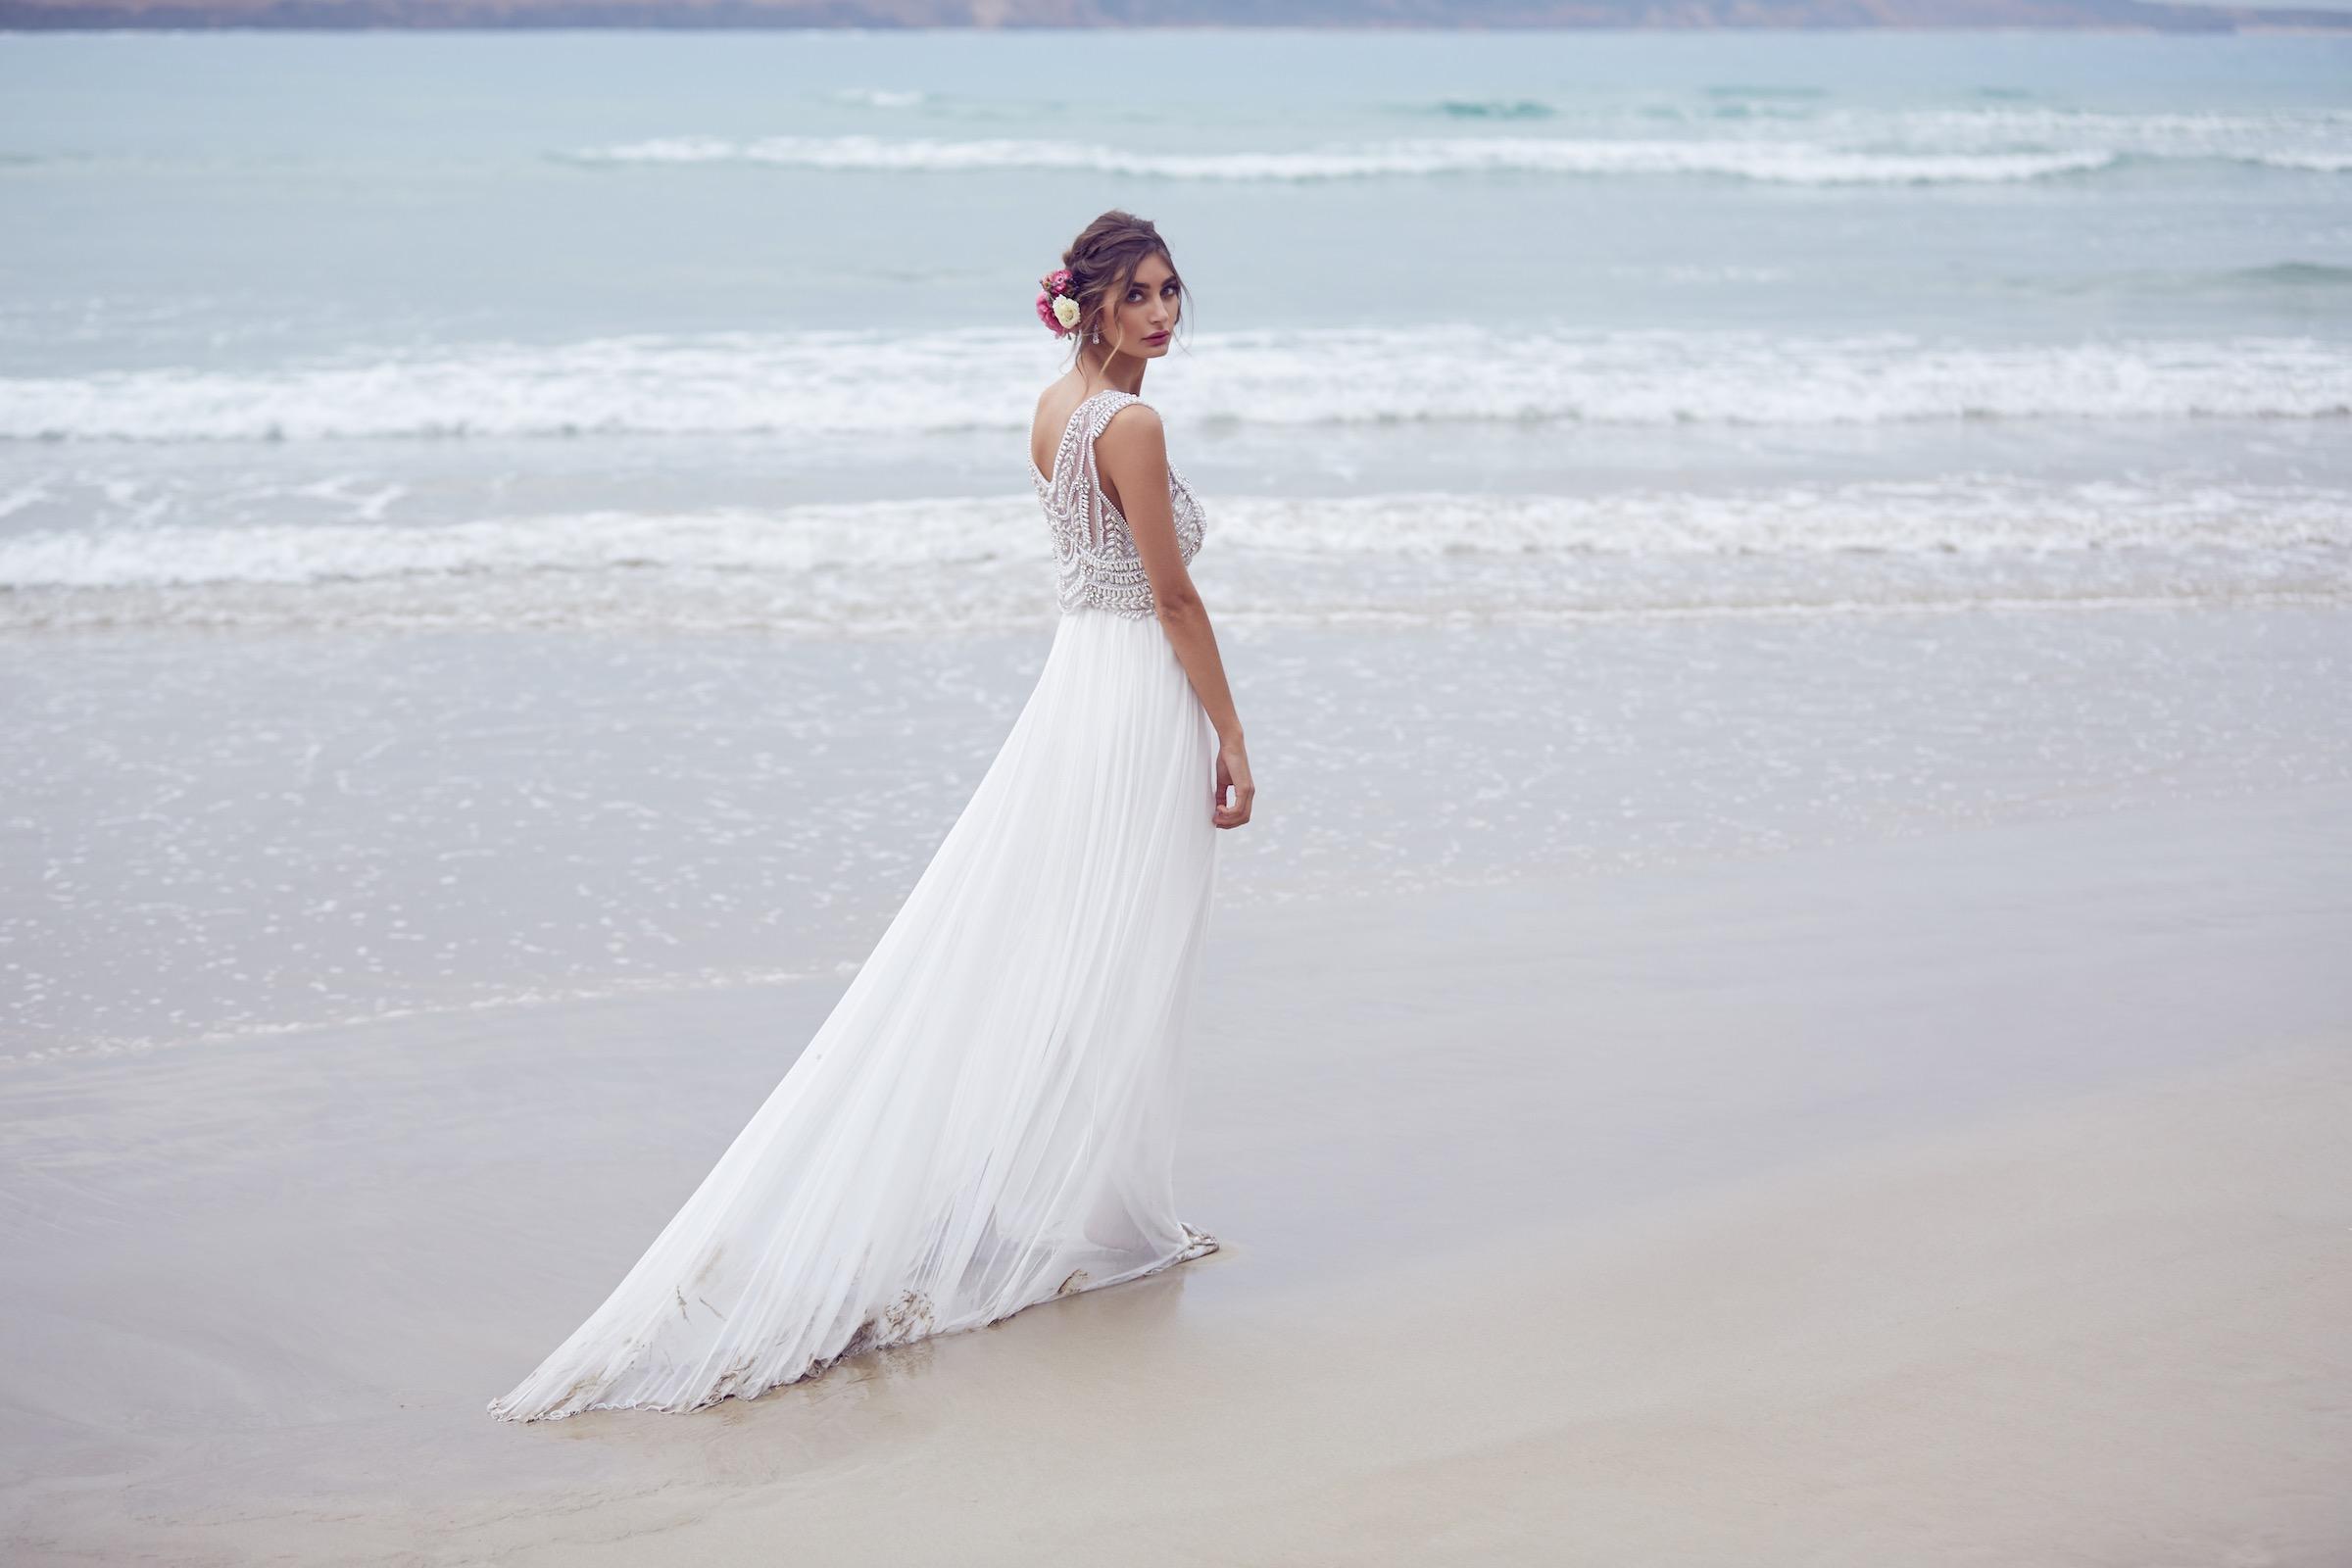 Anna Campbell Madison Dress | Vintage inspired embellished wedding dress